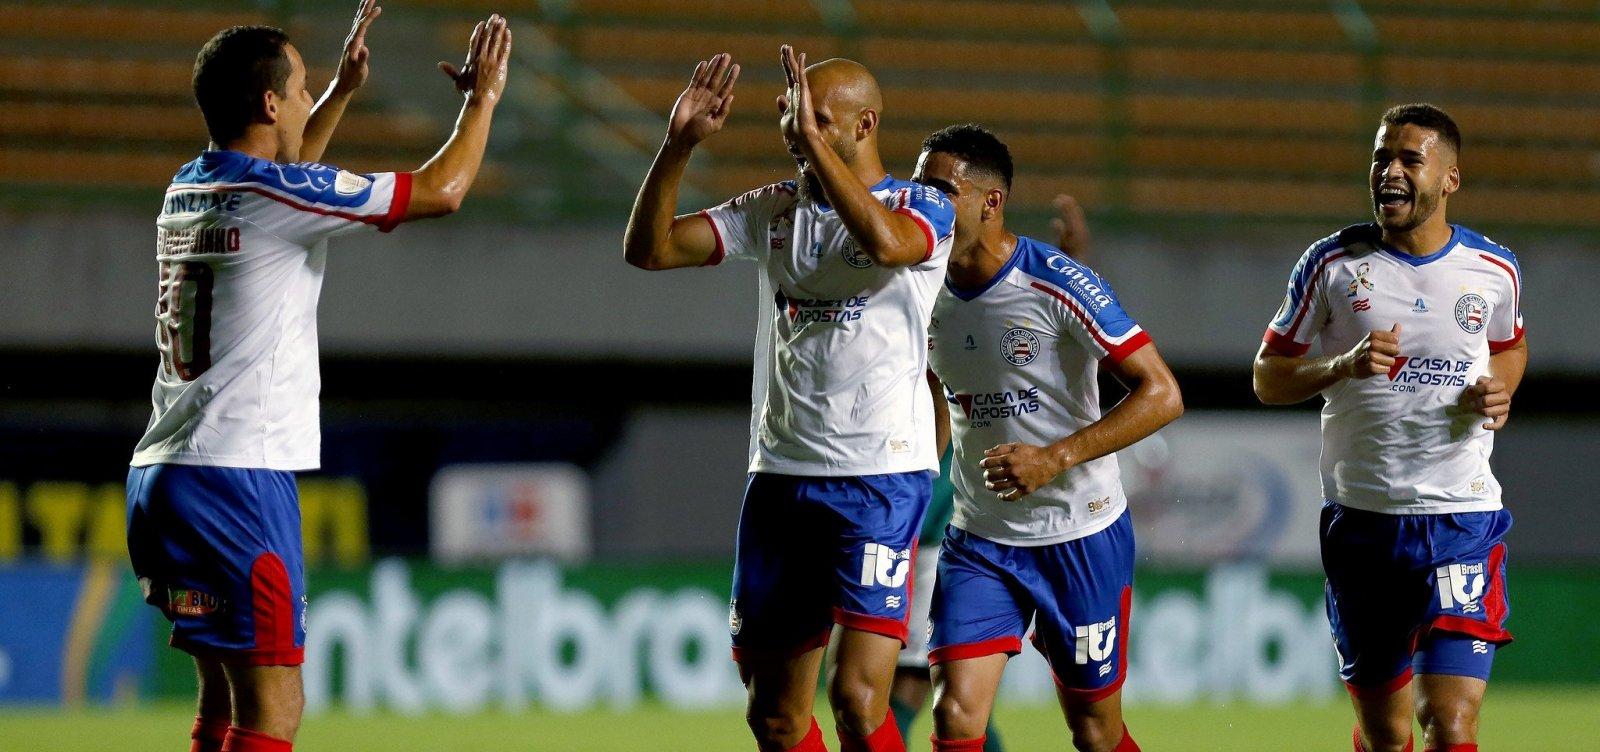 [Bahia goleia Manaus por 4 a 1 e avança na Copa do Brasil]